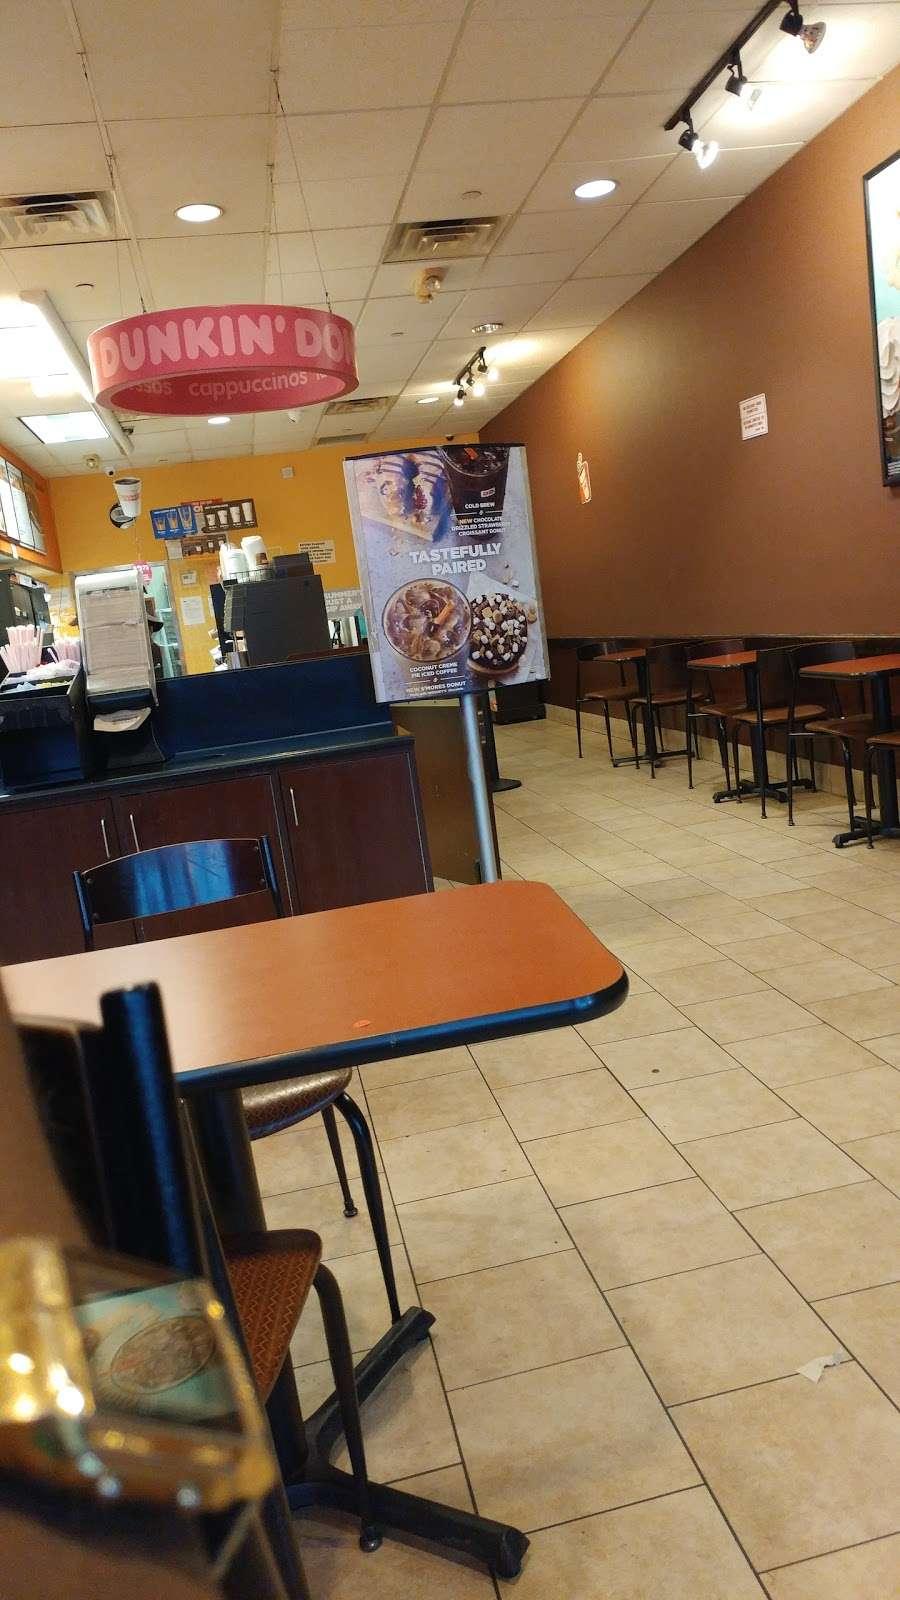 Dunkin Donuts - cafe  | Photo 9 of 10 | Address: 1720 Atlantic Ave, Brooklyn, NY 11213, USA | Phone: (718) 756-1011